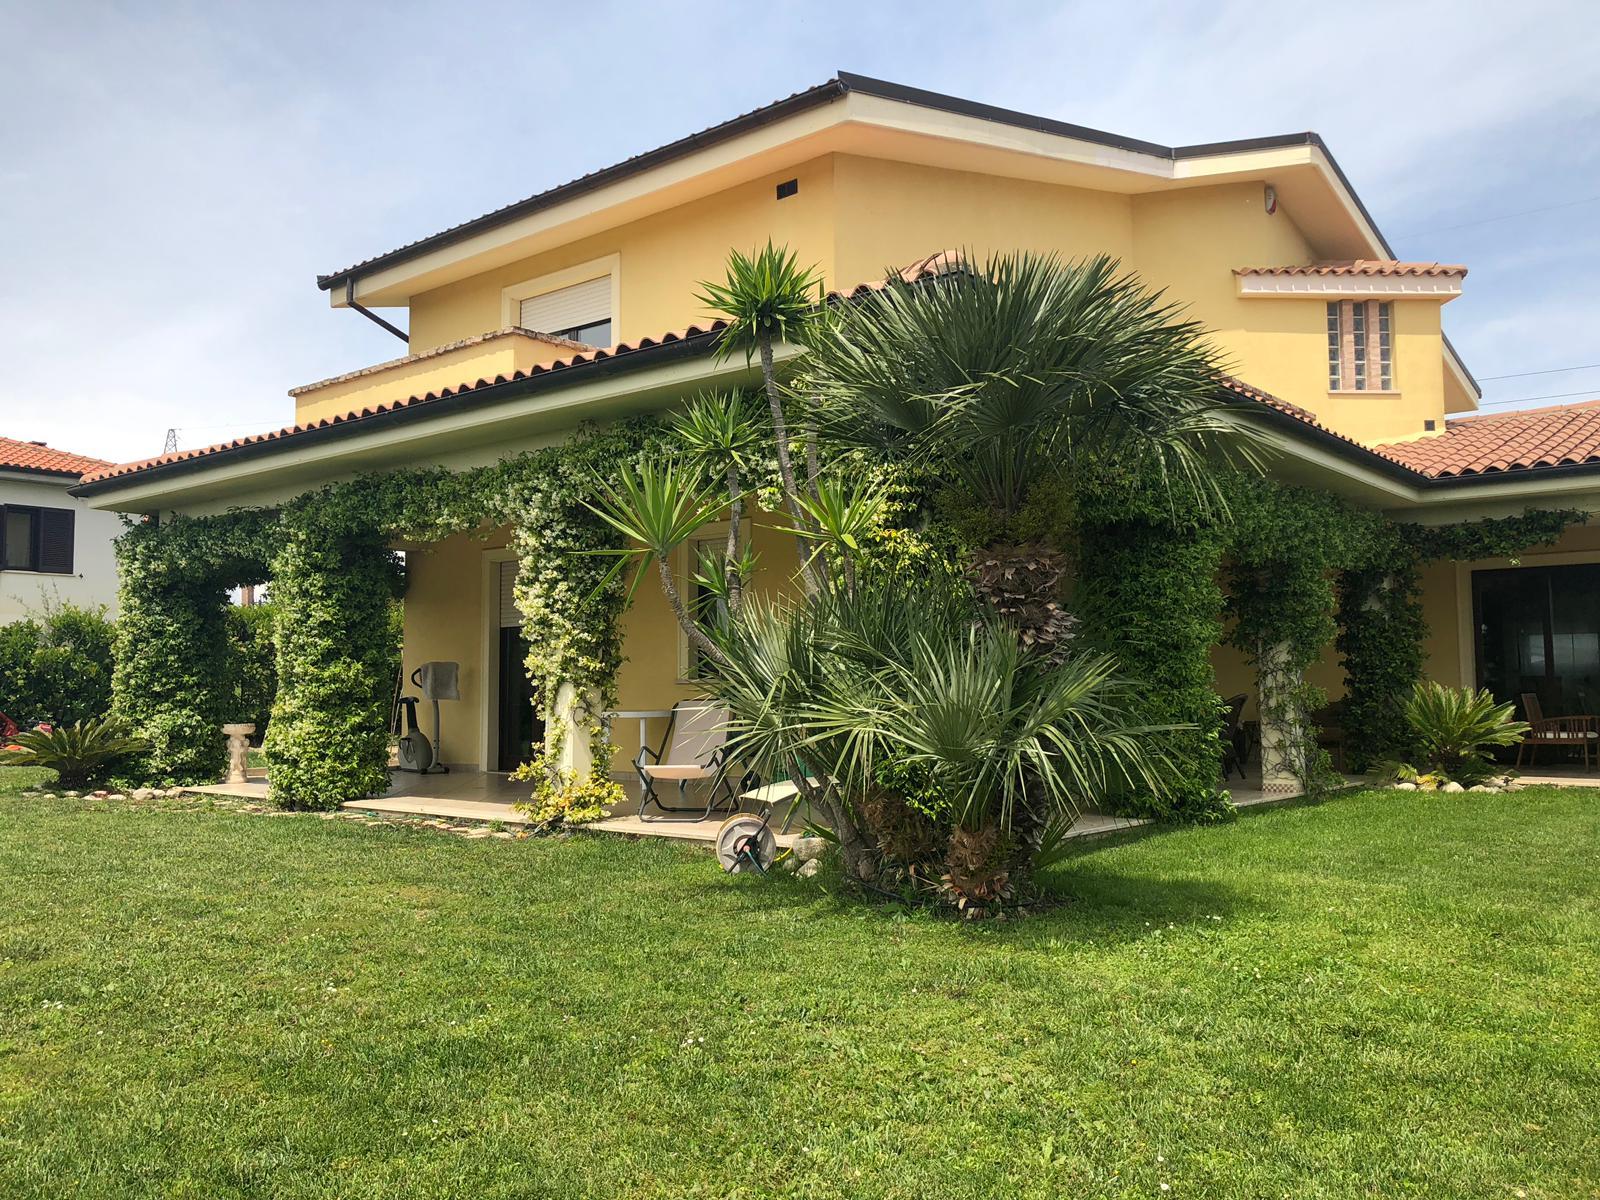 Villa in vendita a Roseto degli Abruzzi, 7 locali, prezzo € 650.000 | CambioCasa.it